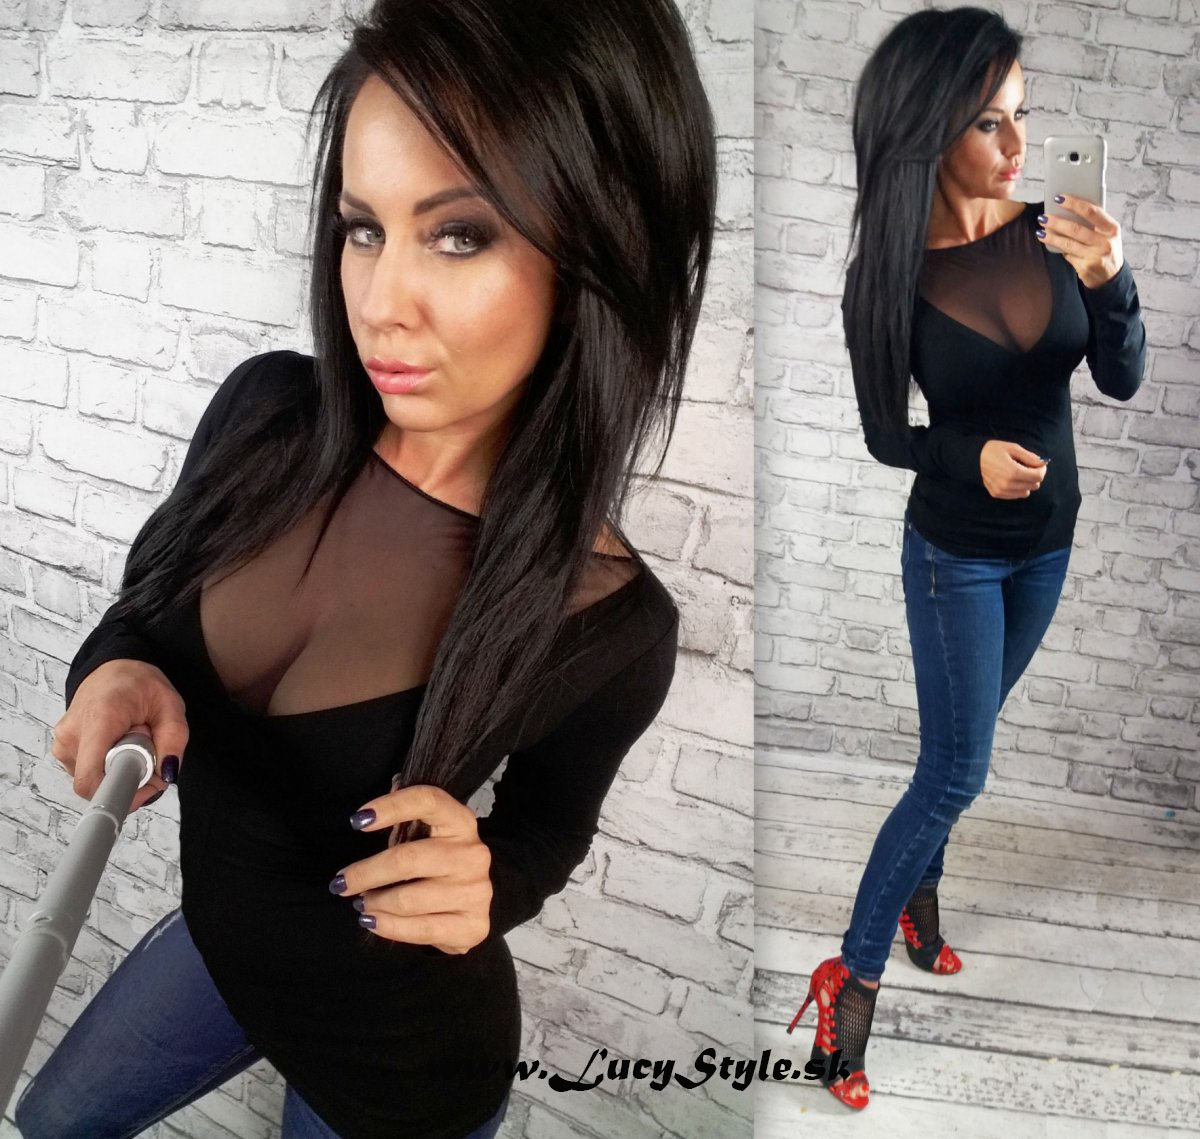 Dámske čierne tričko s dlhým rukávom (Dámske čierne tričko s dlhým rukávom,čierne)